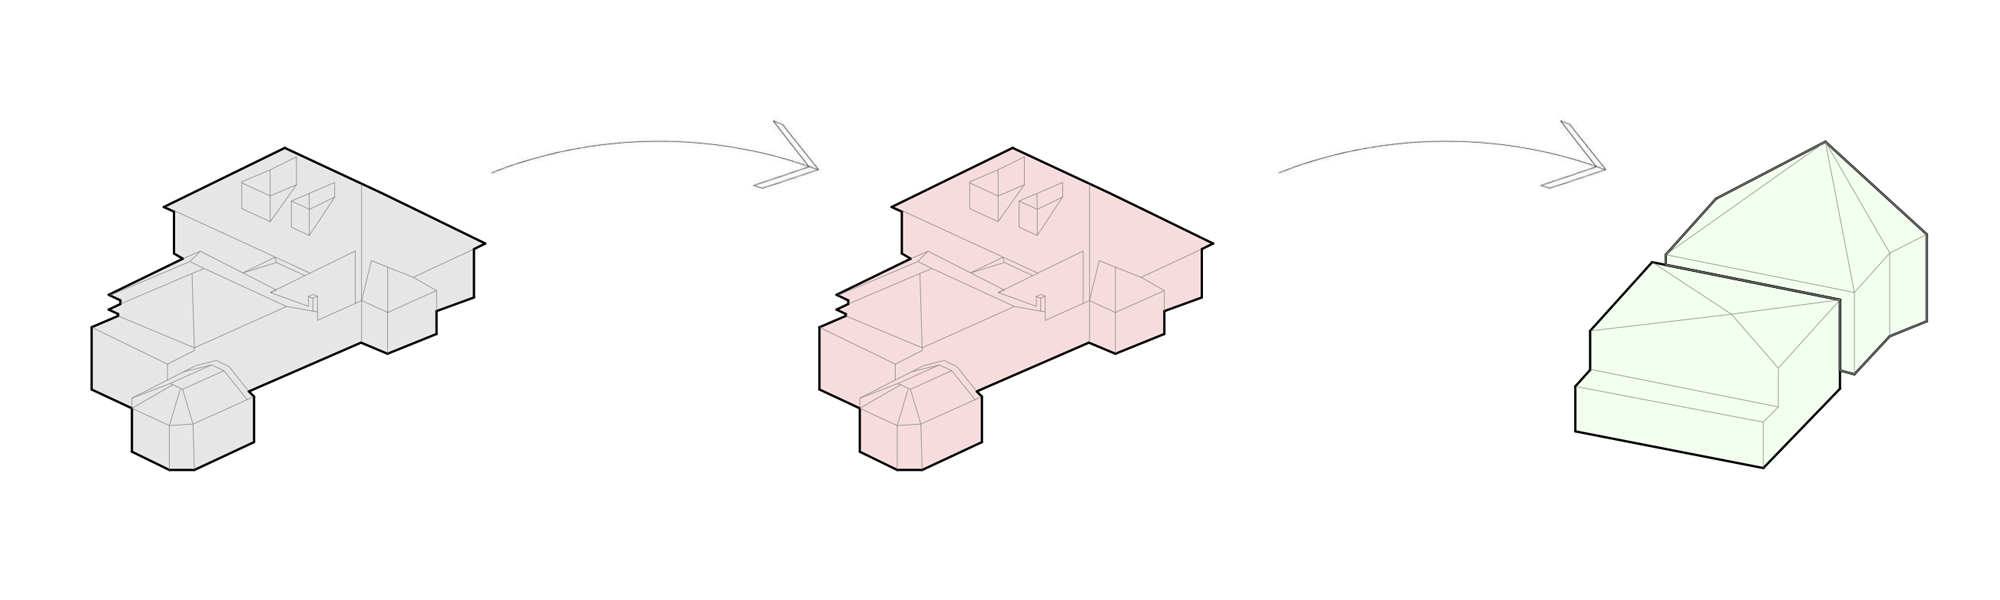 Split House Concept